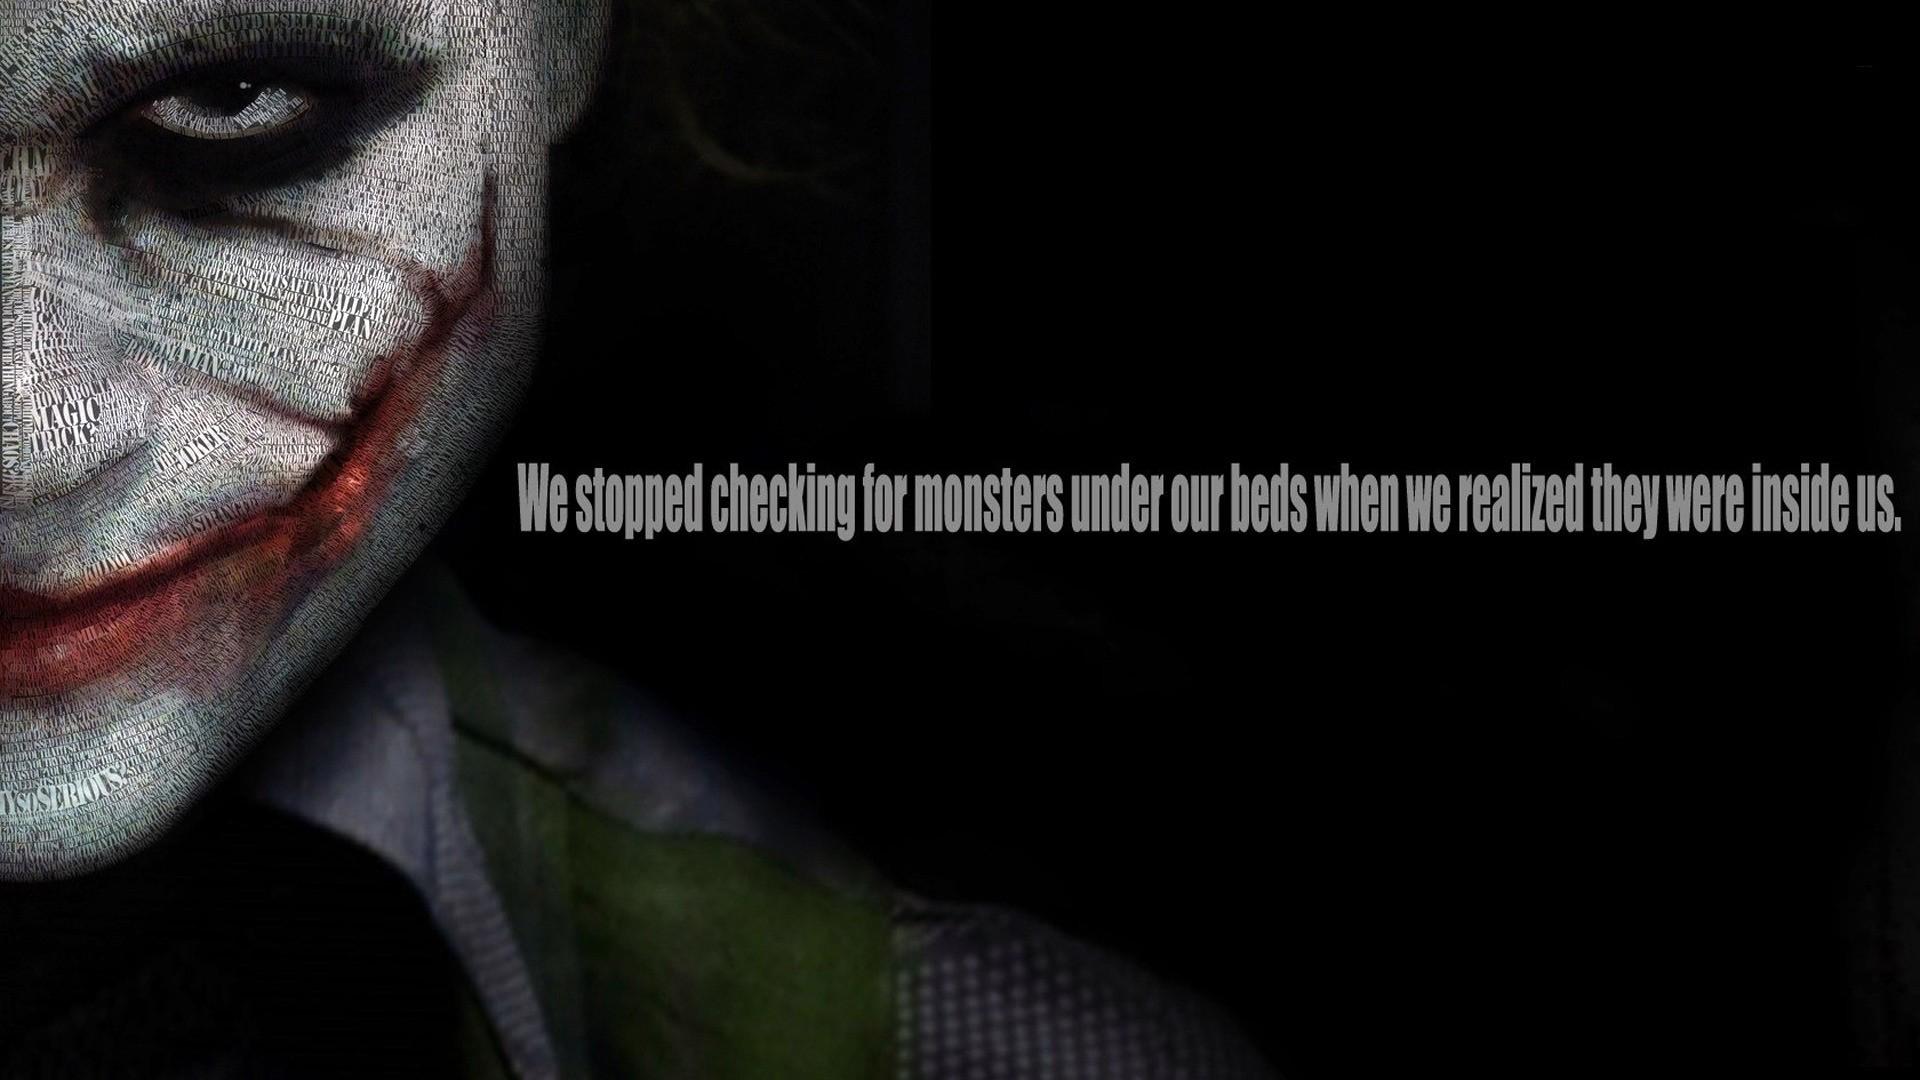 The Dark Knight Joker Quote Wallpaper Fond D 233 Cran Citation Le Chevalier Noir Homme Chauve